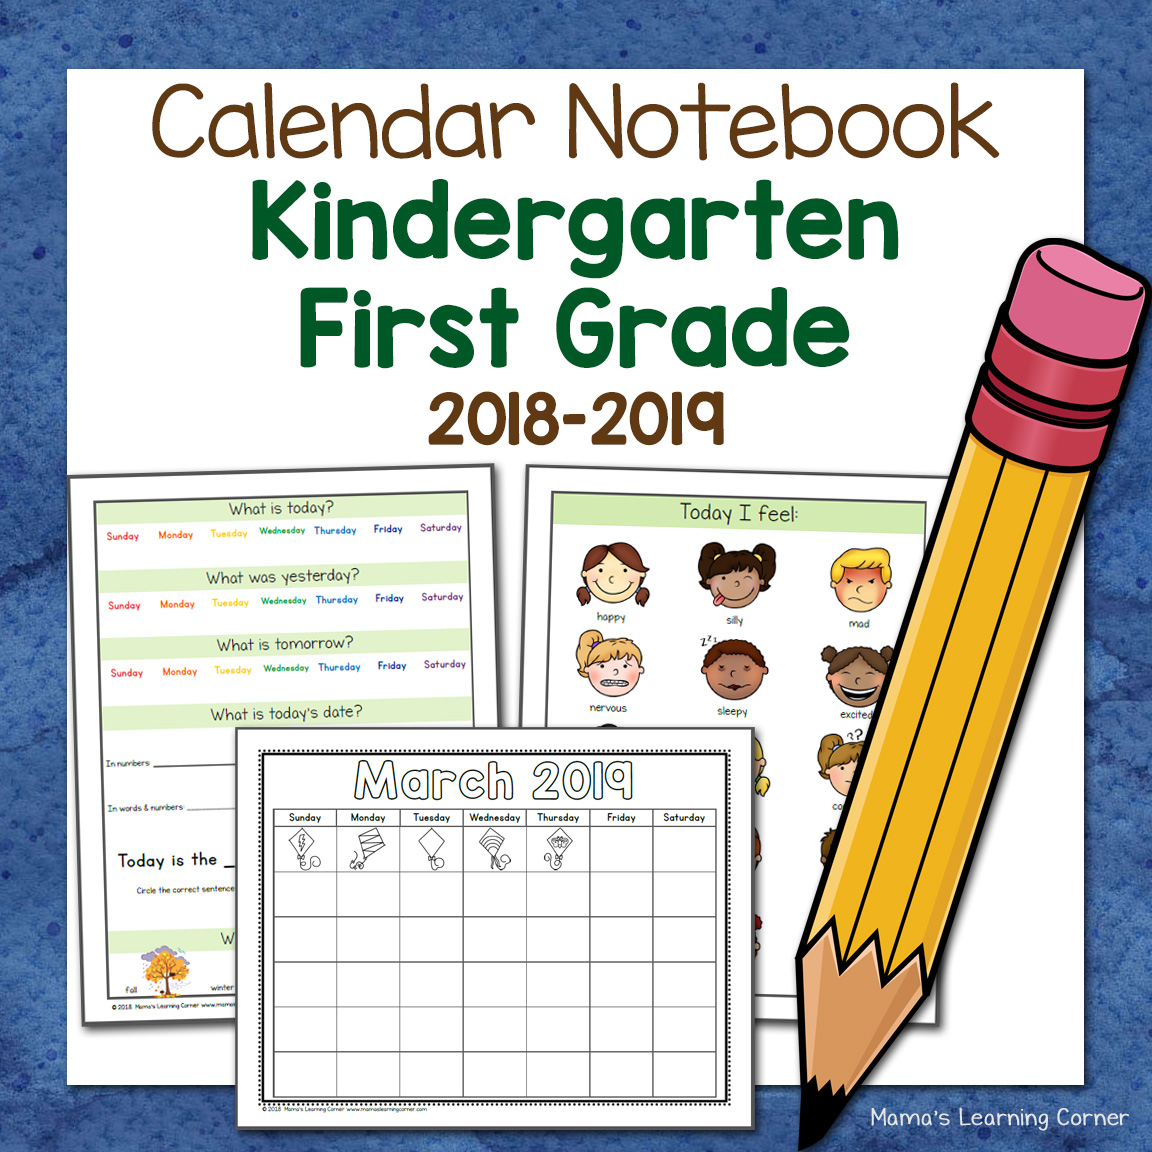 Calendar Notebook For Kindergarten And First Grade